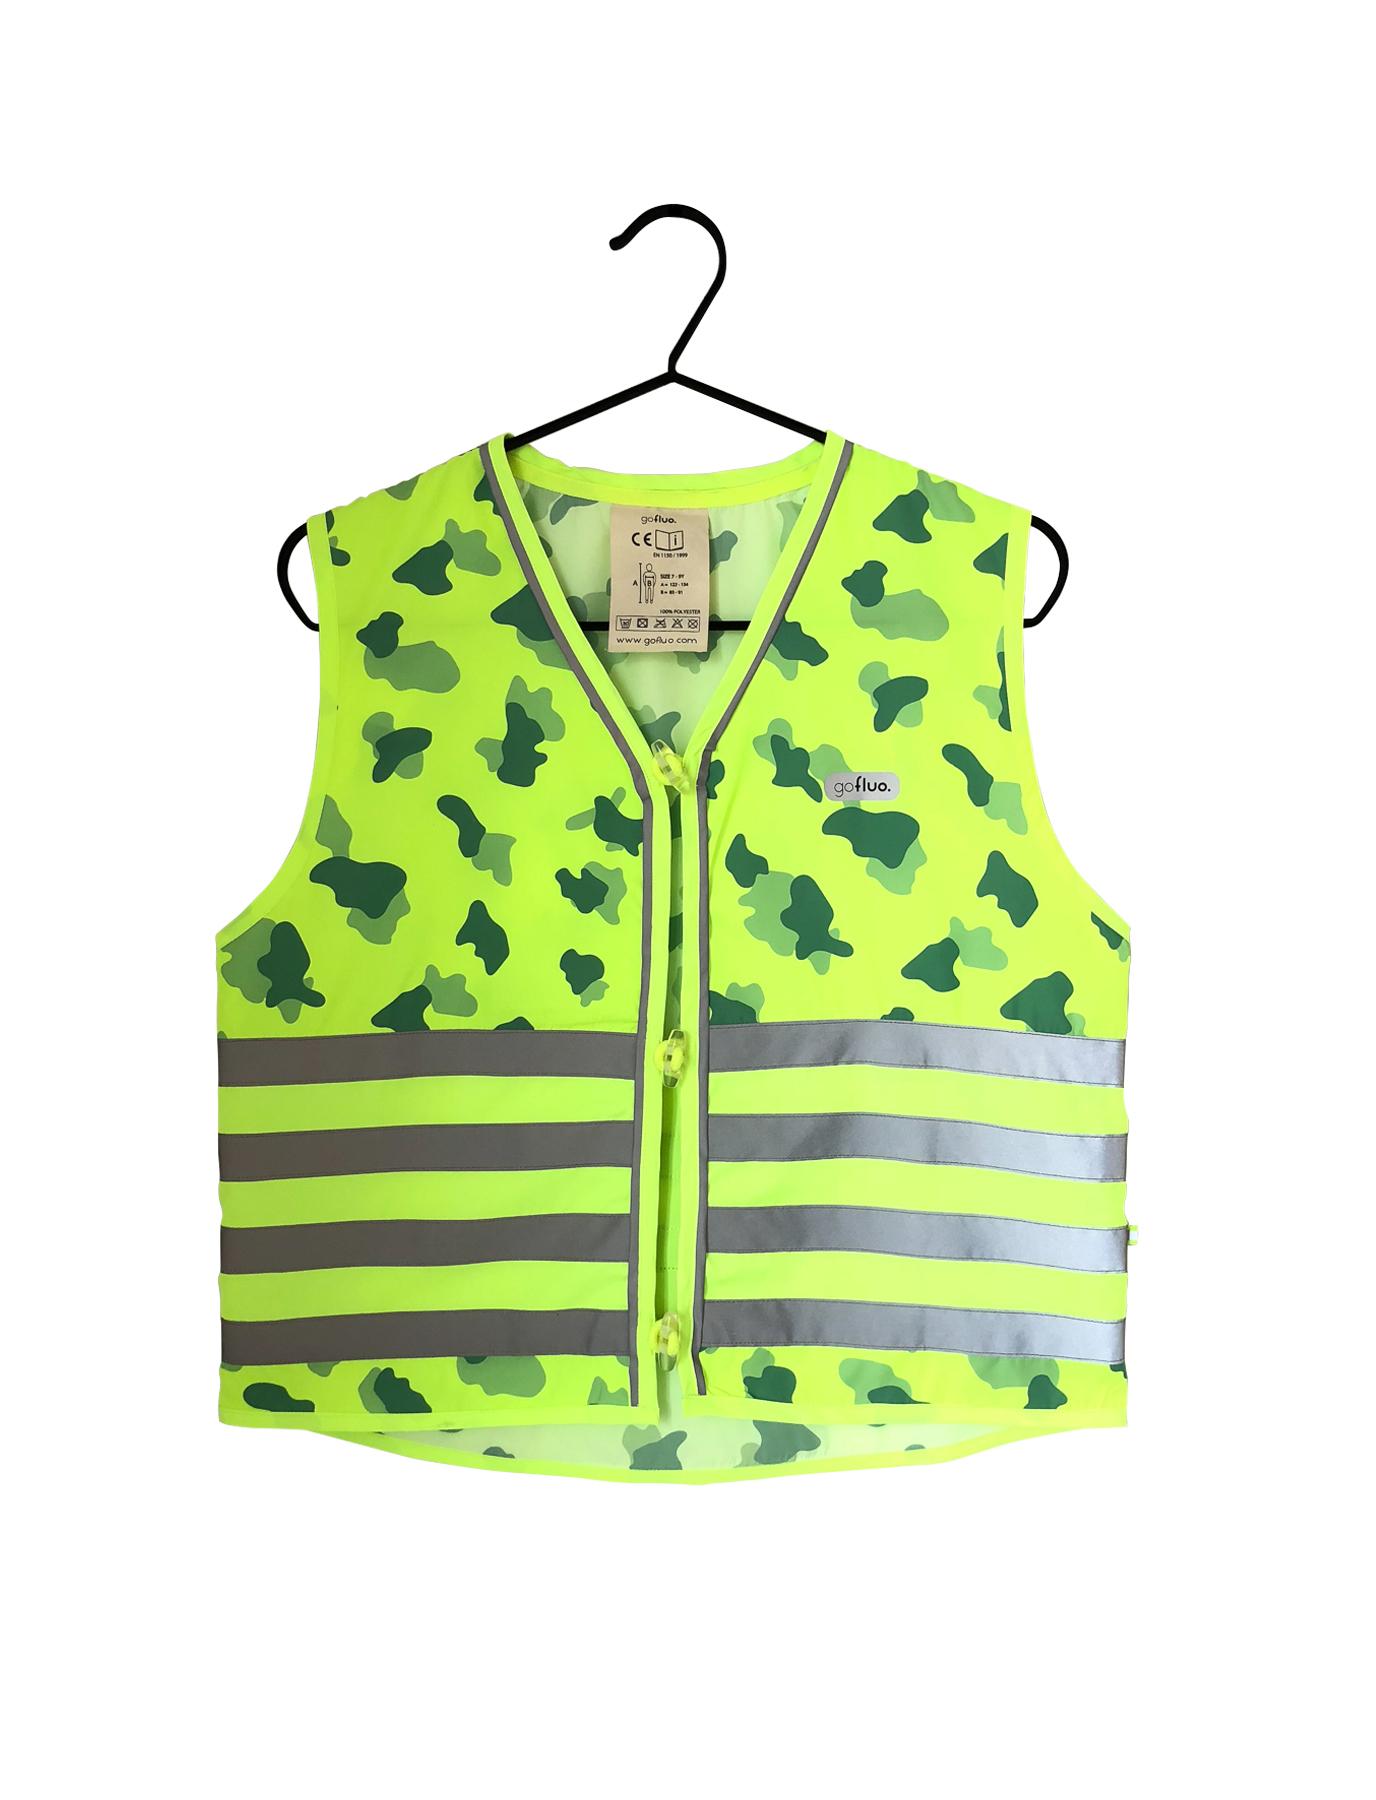 Fluohesje Camou groen size S